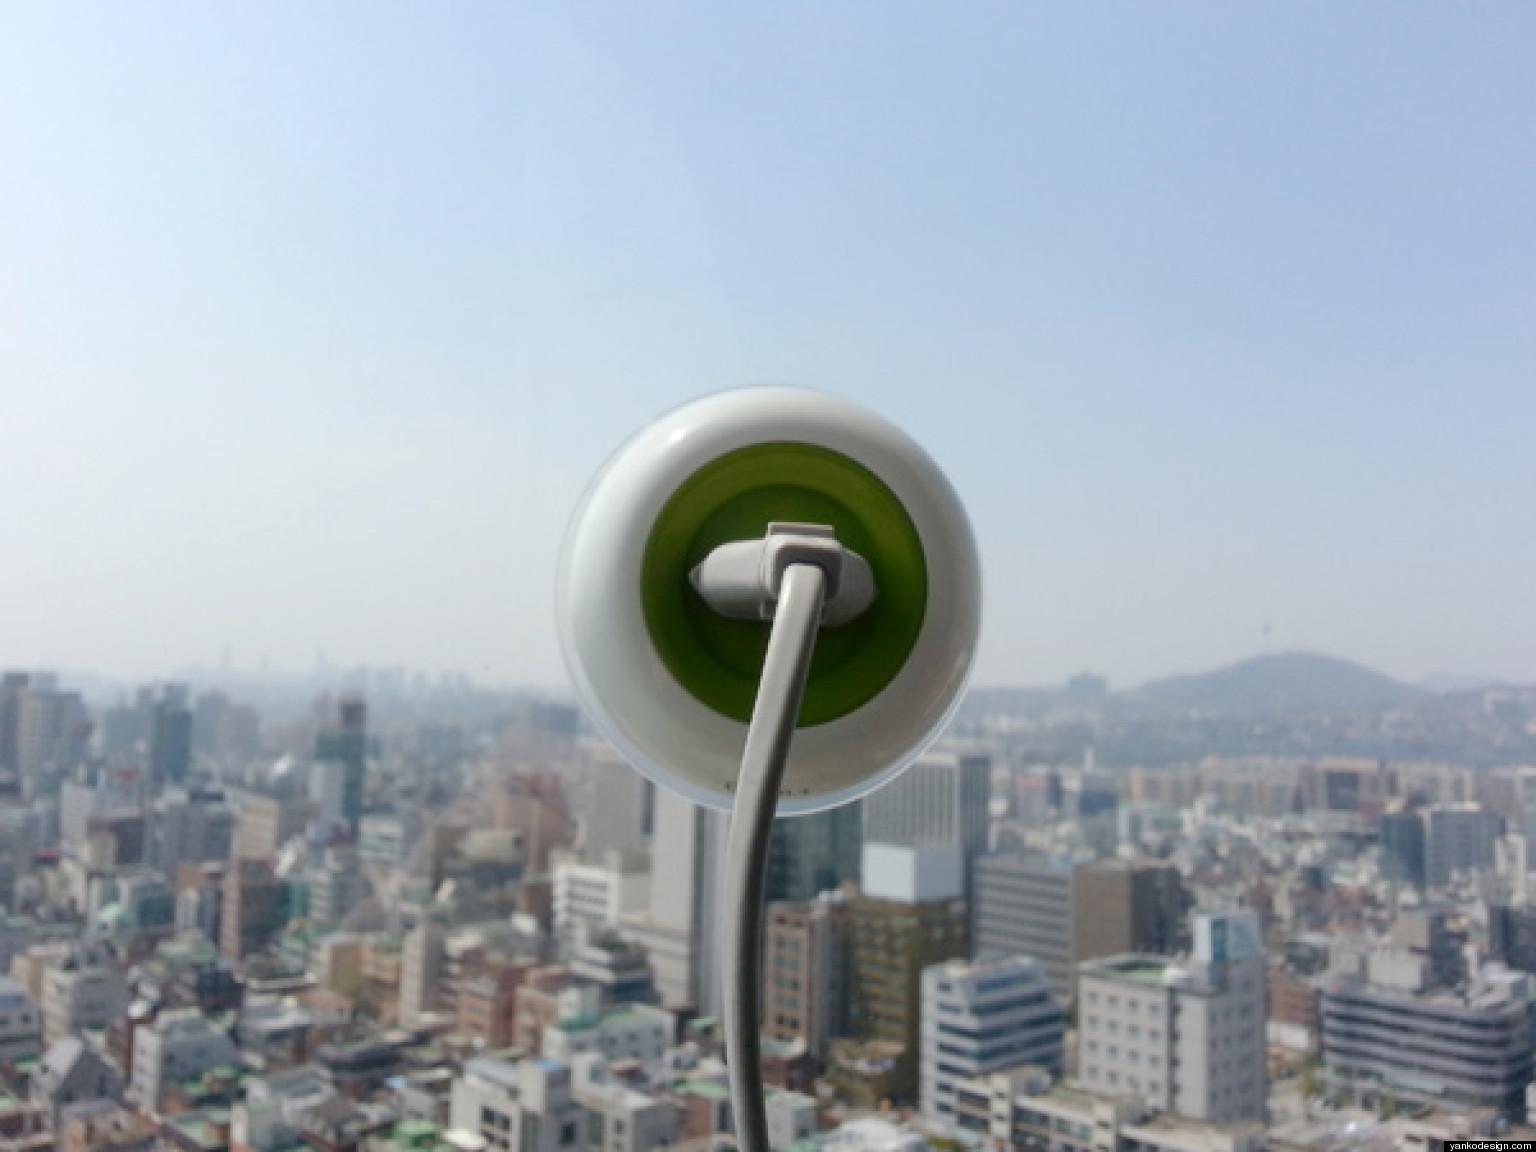 Window Socket-Green+-prise-électrique-solaire-qui-peut-fournir-de-électricité-gratuitement-high-tech-design-écolo-écologique-effronté-04